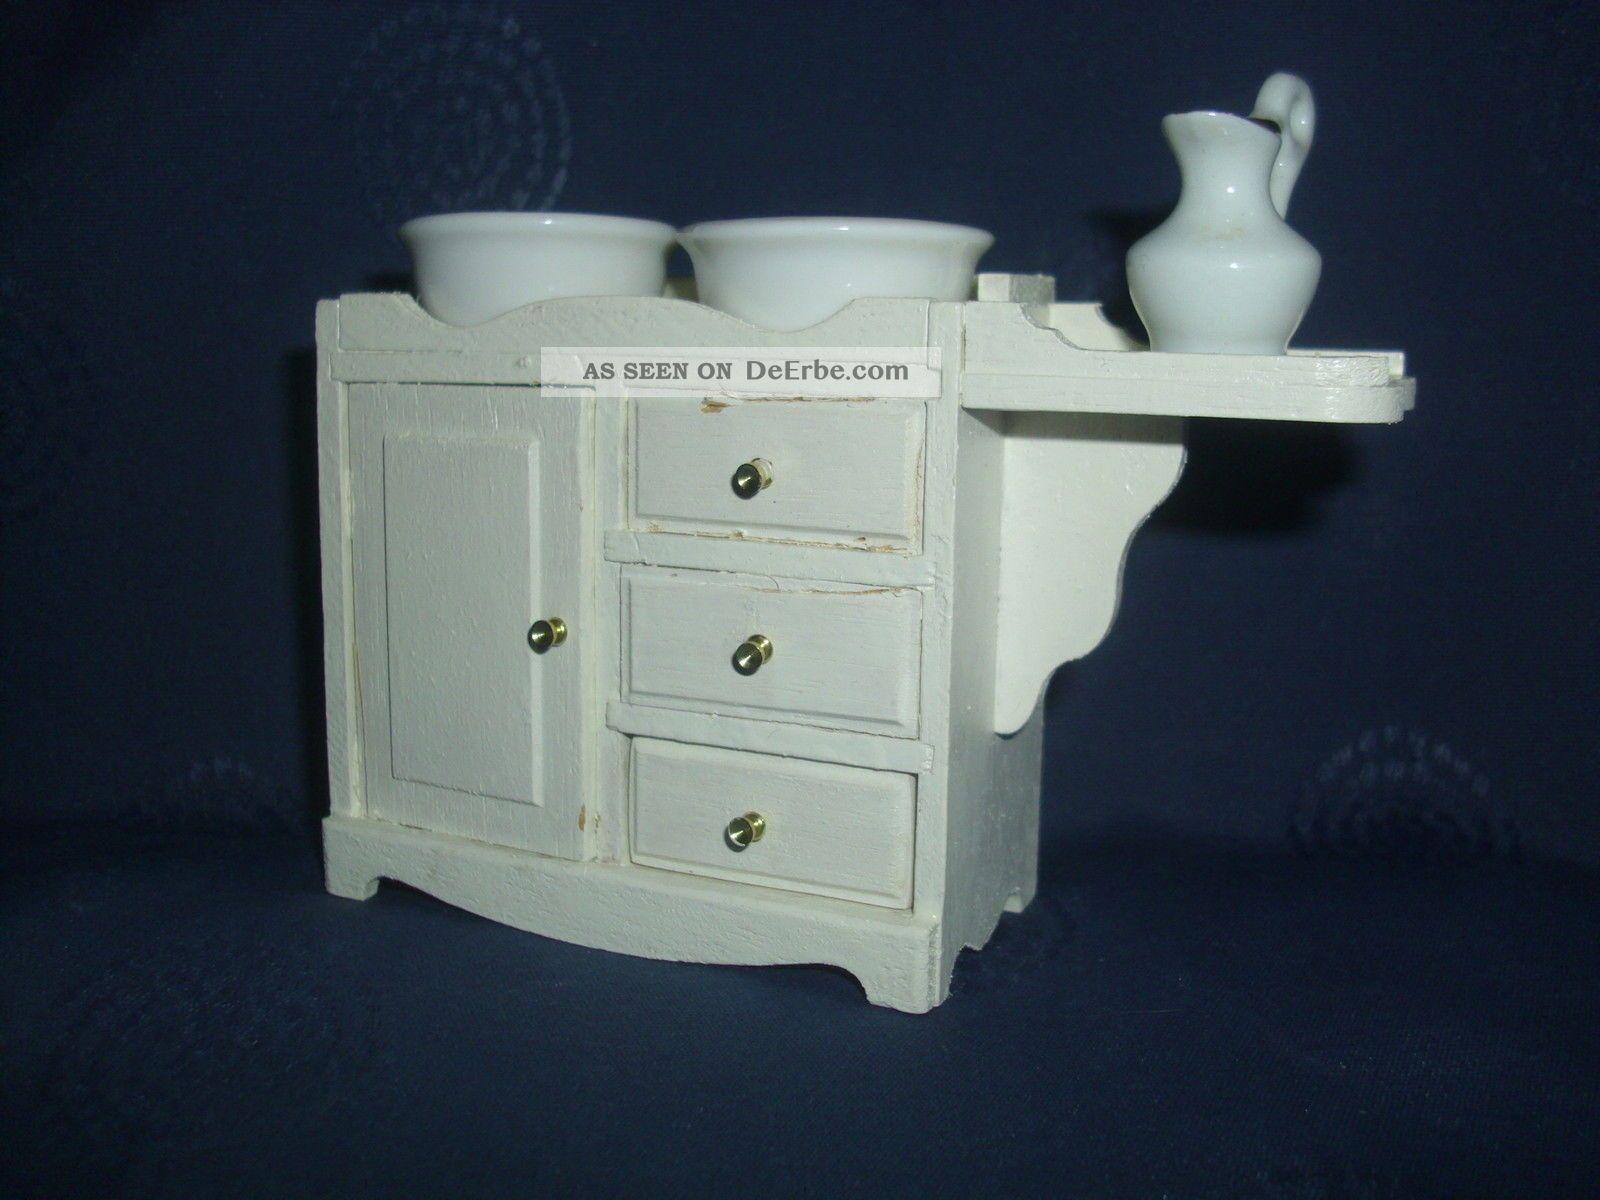 holz waschtisch porzellan waschset 2 waschsch ssel waschkrug f r puppenstube. Black Bedroom Furniture Sets. Home Design Ideas